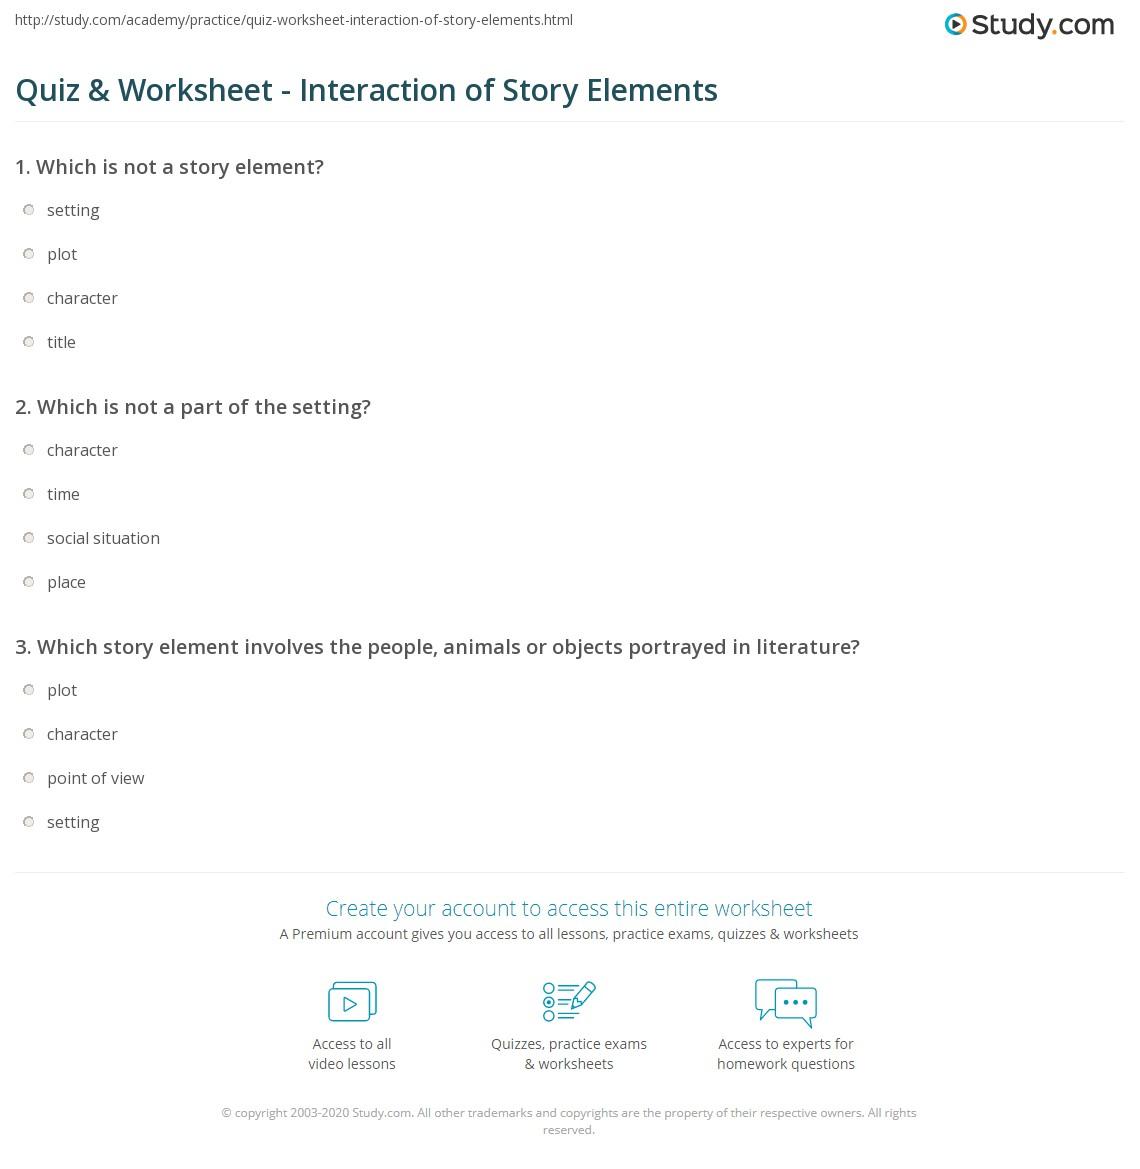 worksheet. Story Elements Worksheet. joindesignseattle Worksheet  worksheets, education, free worksheets, multiplication, math worksheets, and printable worksheets Elements Of Literature Worksheet 2 1382 x 1140